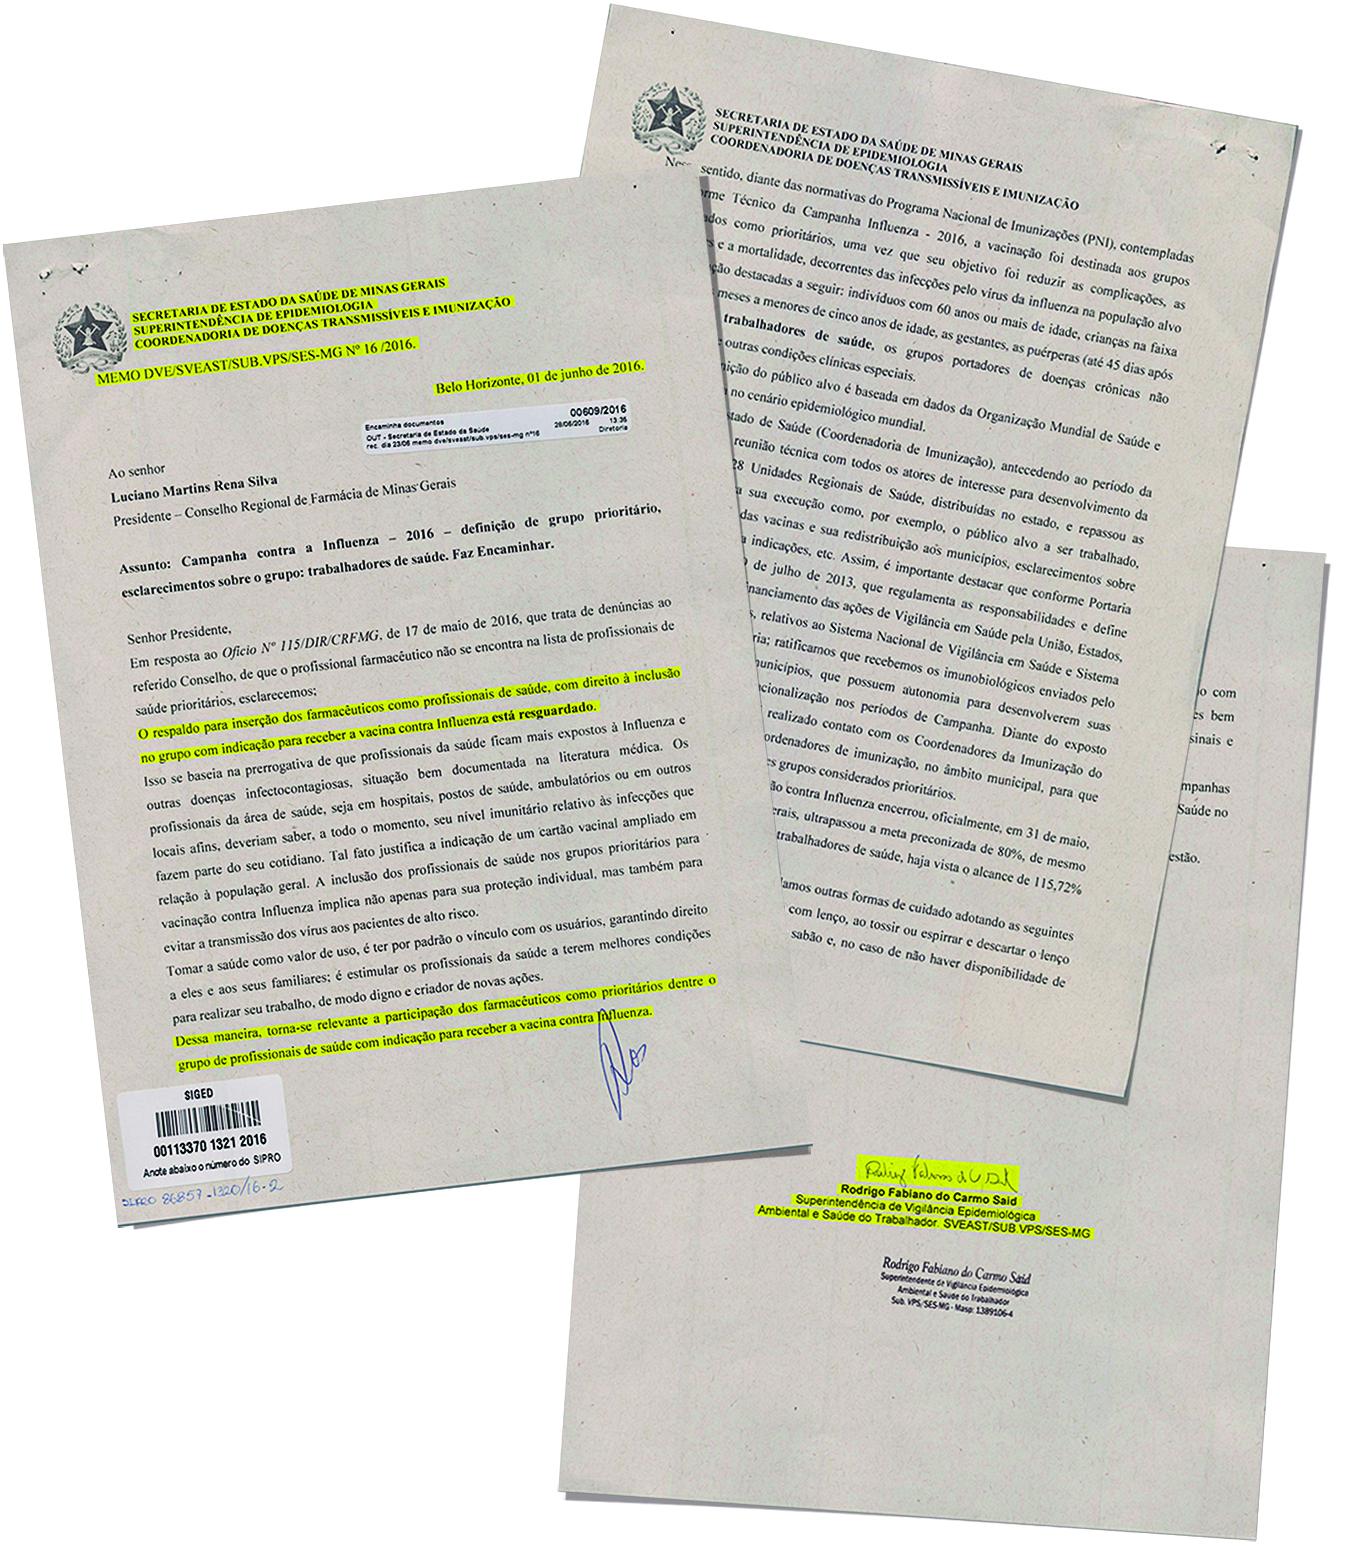 Farmacêutico tem direito à vacinação contra gripe